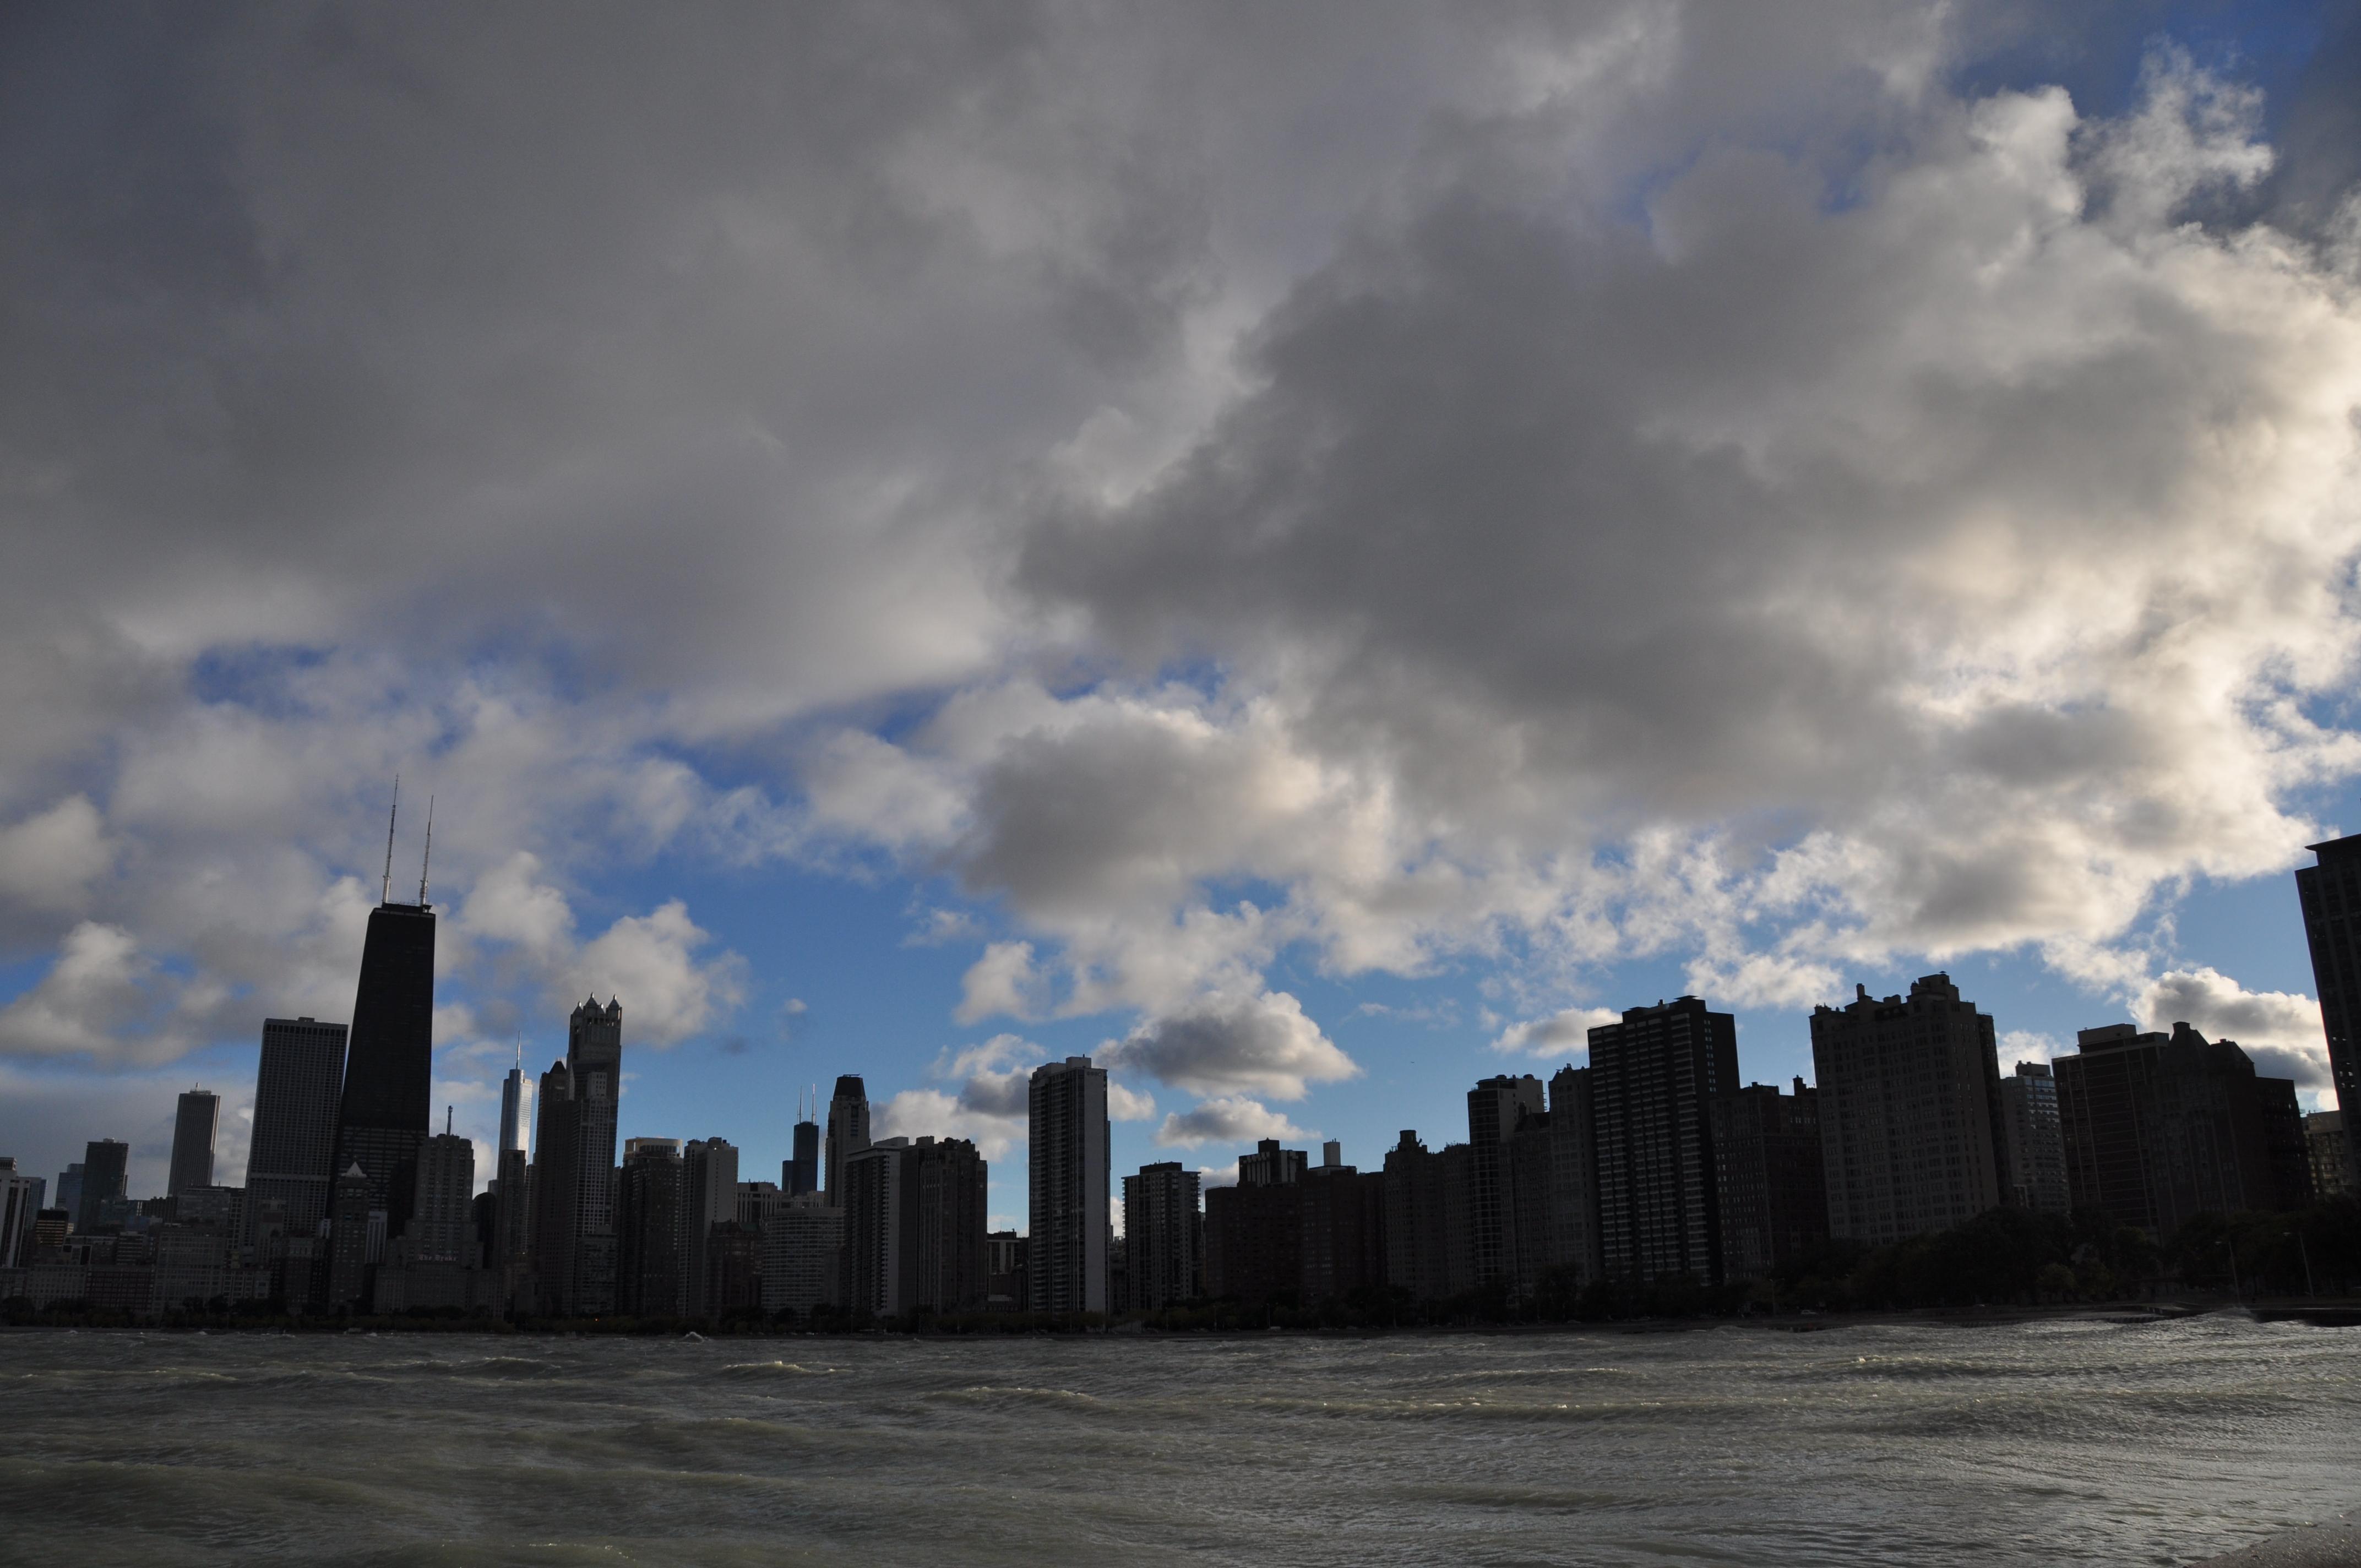 vegas skyline silhouette. skyline into a silhouette